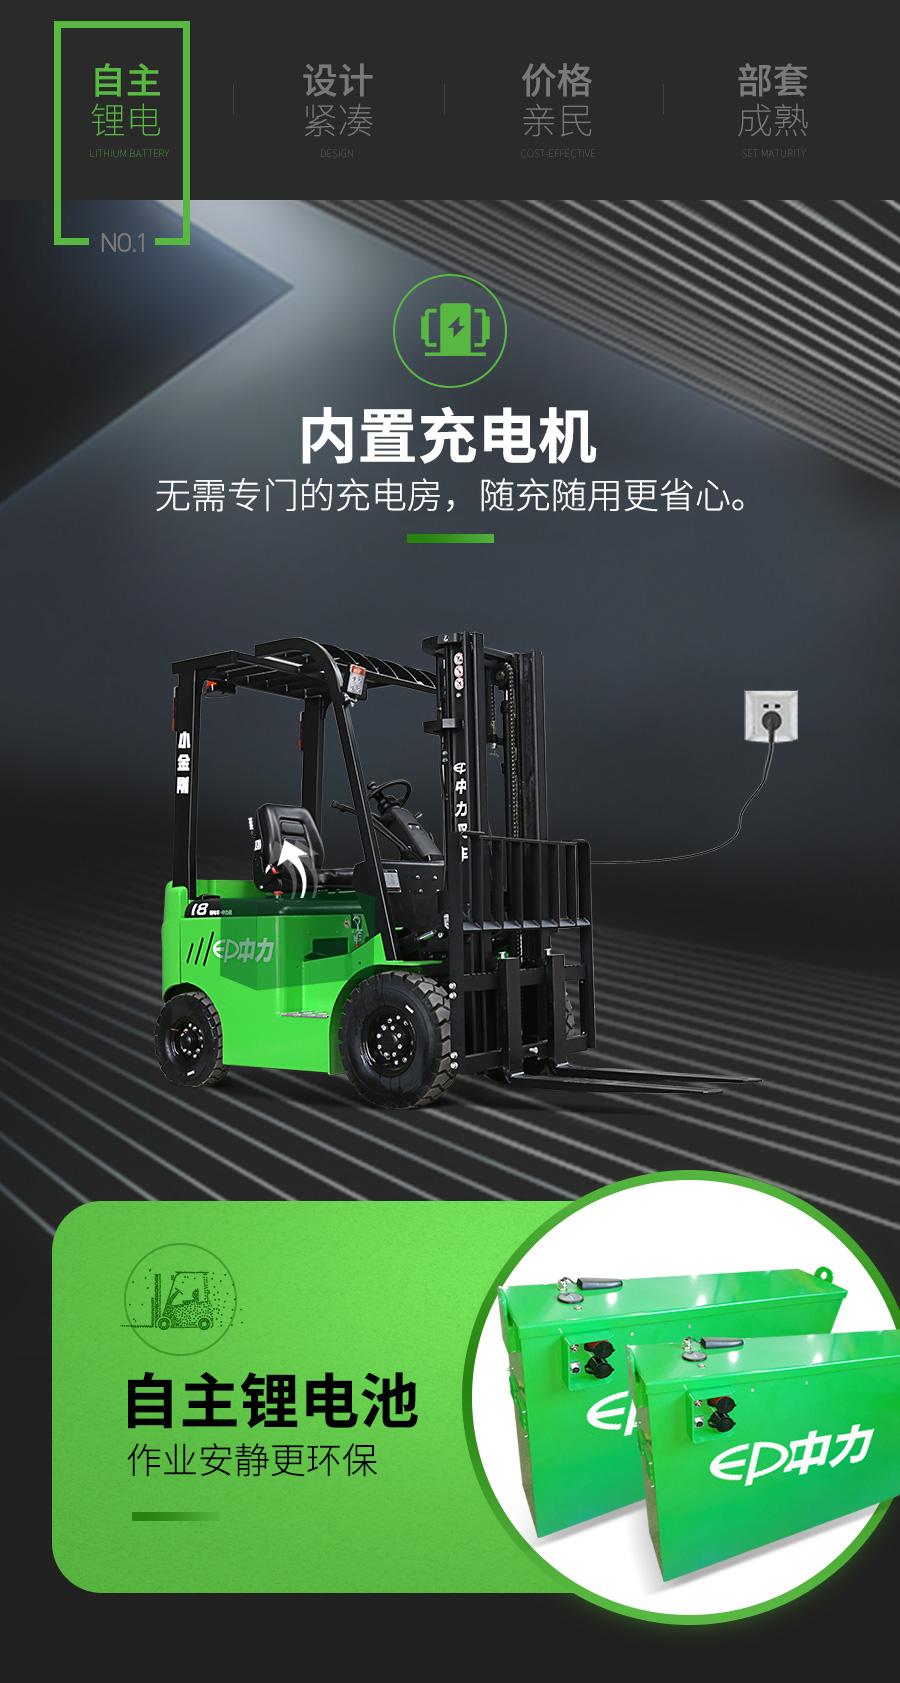 中力1.5/1.8吨锂电叉车 小金刚EFL151/181Z